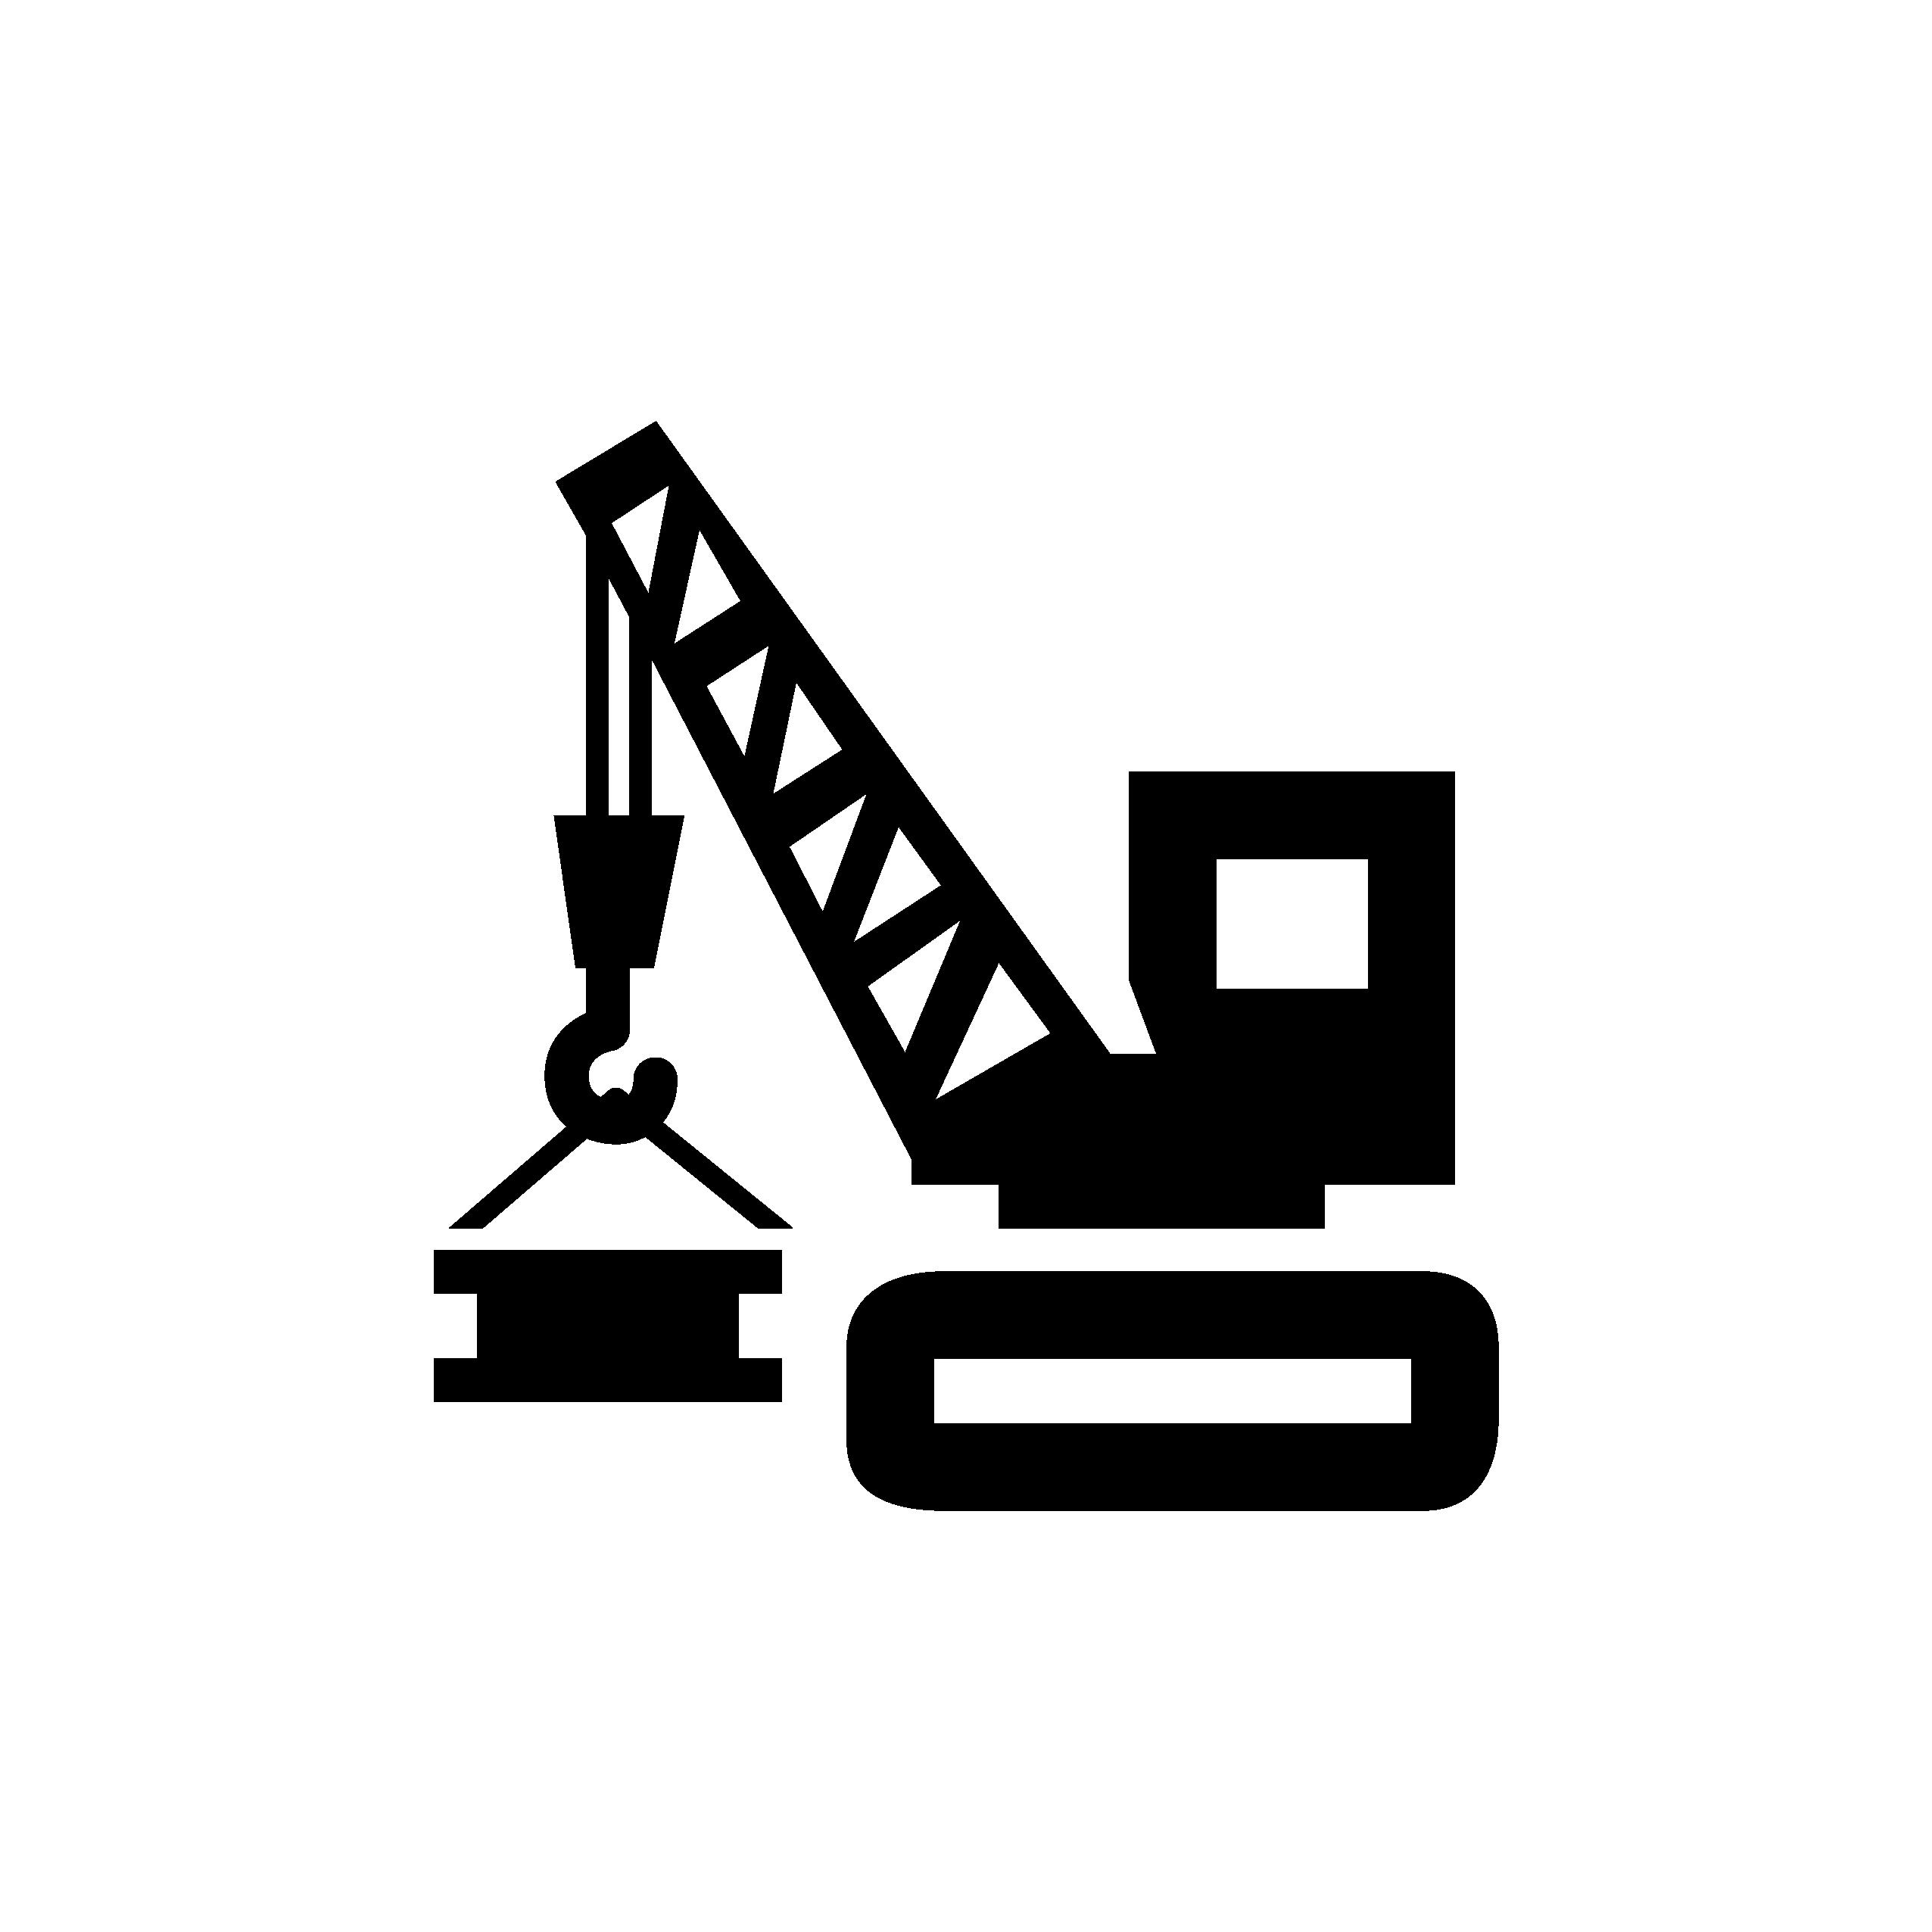 5 MASSIVE CRANES